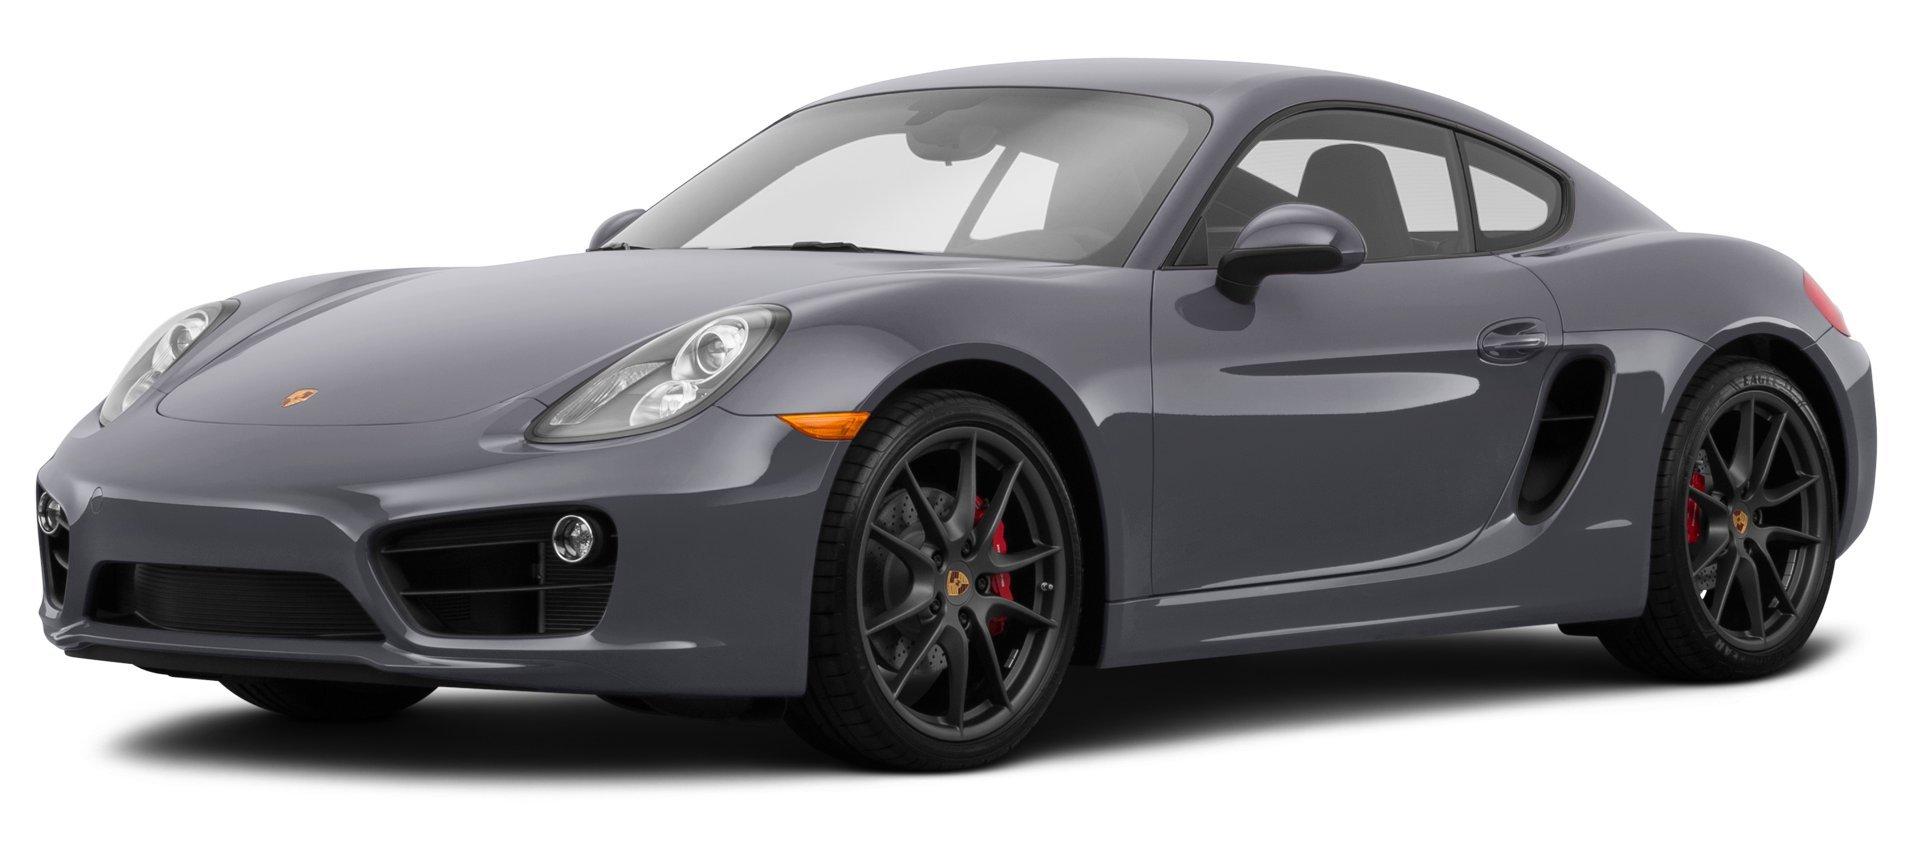 2015 Chevrolet Corvette 1LT, 2 Door Stingray Convertible, 2015 Porsche  Cayman S, 2 Door Coupe ...